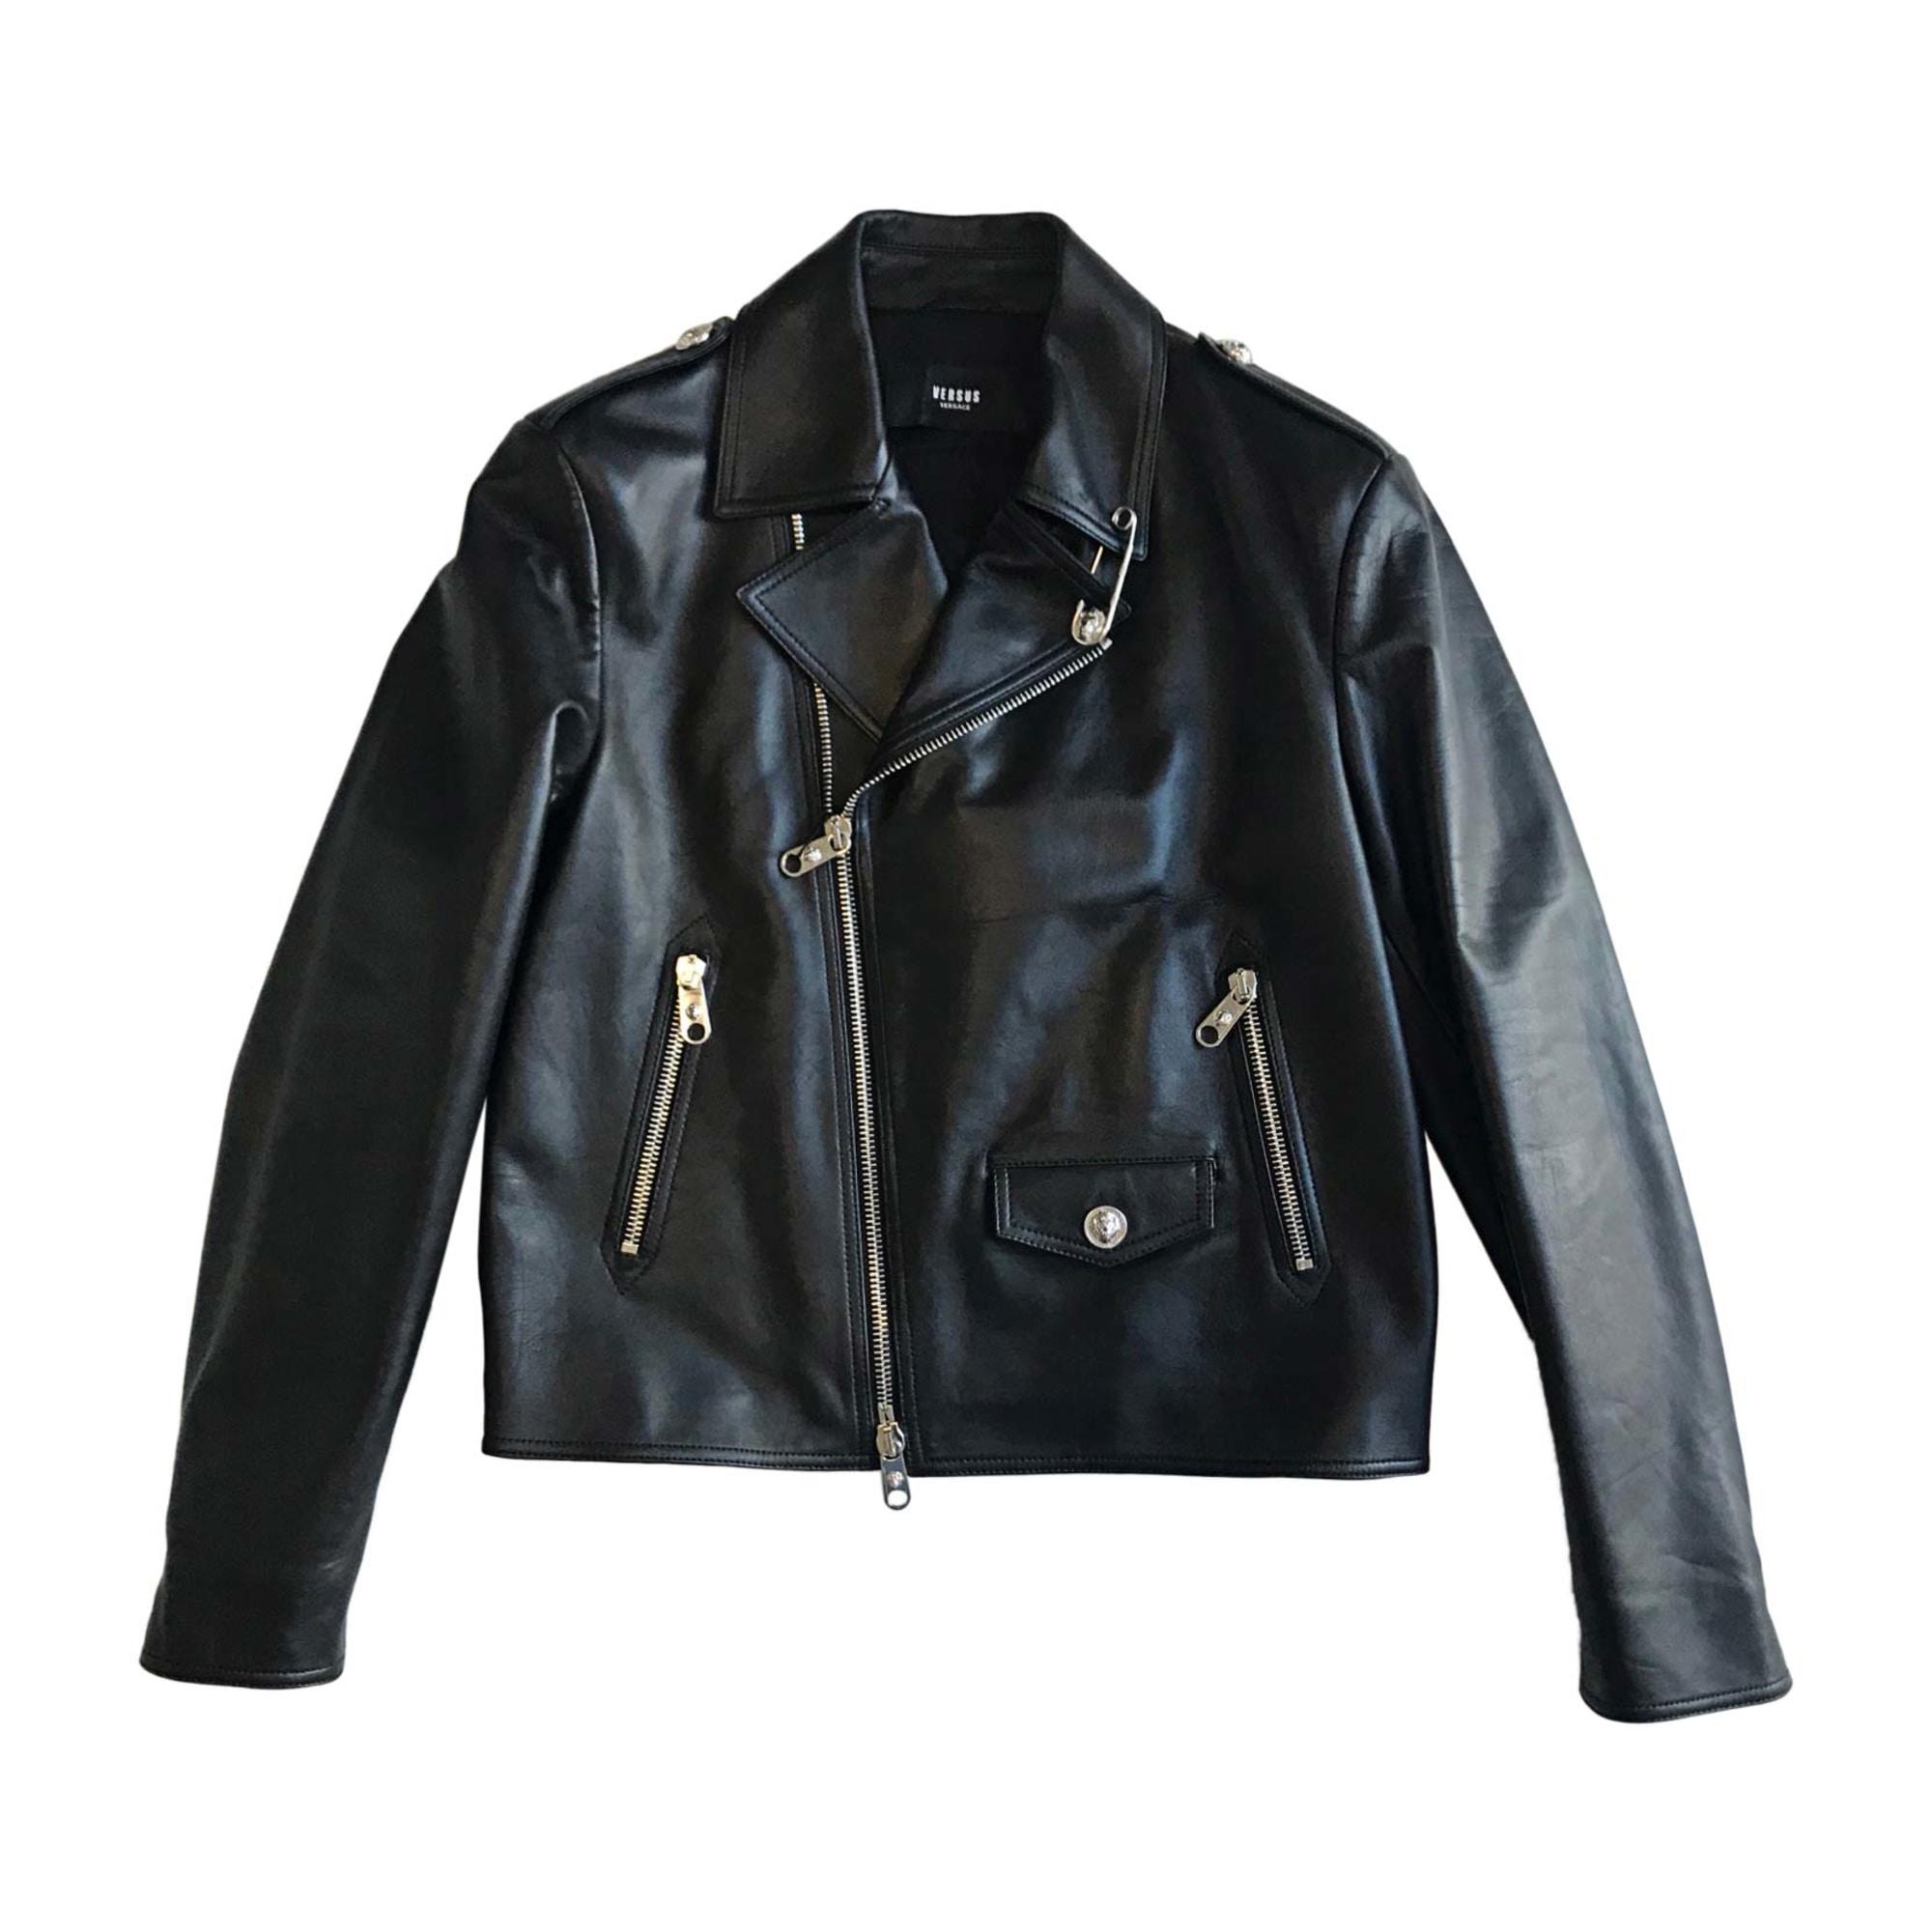 e9cf63a259f9 Blouson en cuir VERSUS VERSACE 50 (M) noir vendu par Jag2b - 7285705